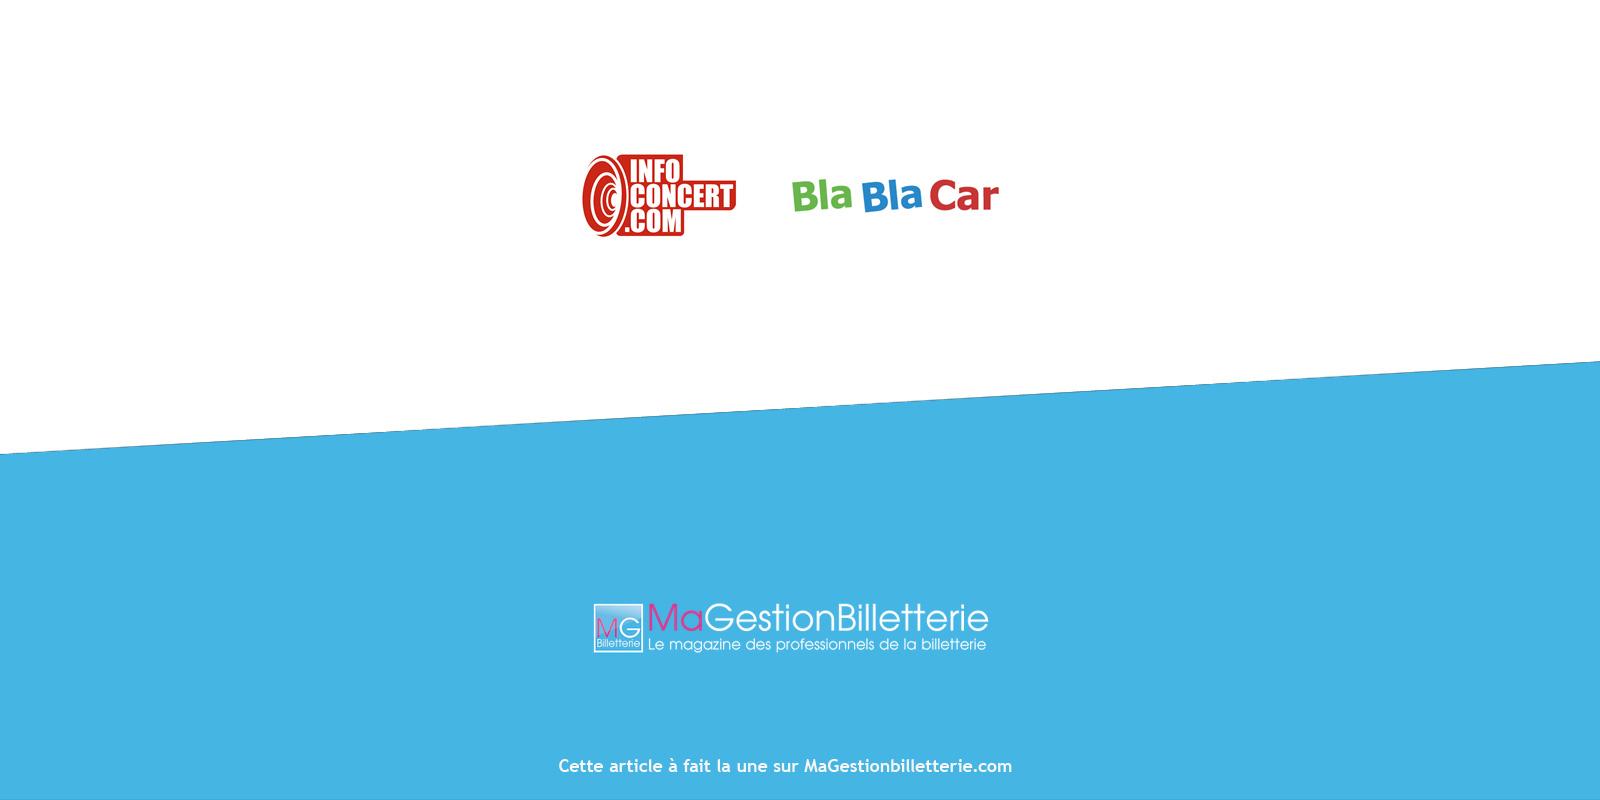 infoconcert-blablacar-une3